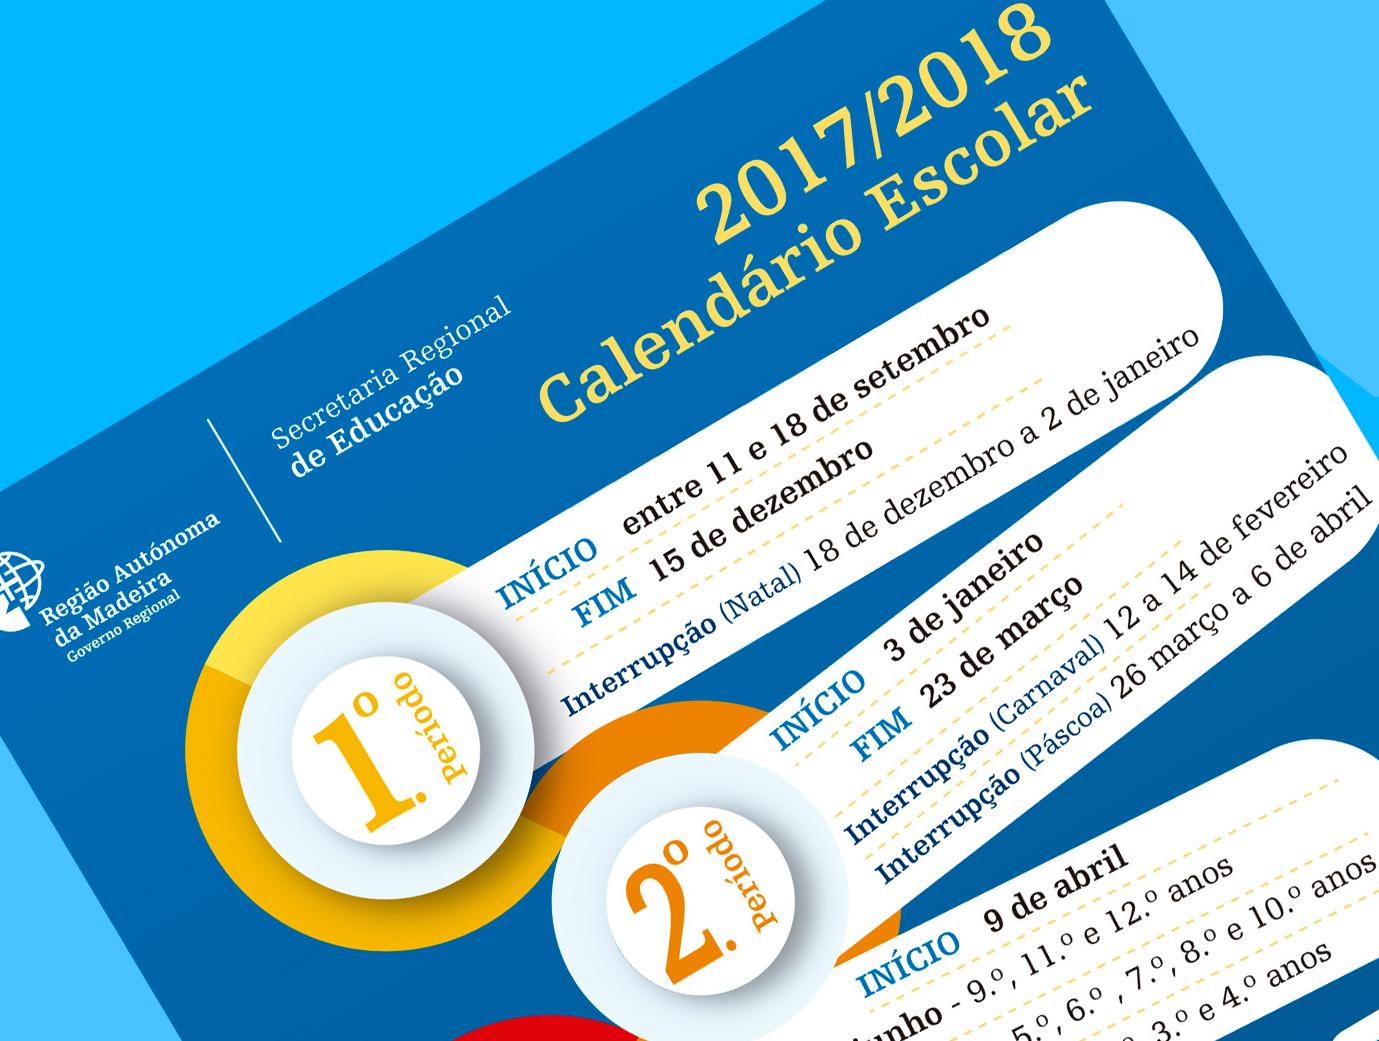 Calendário escolar 2017/2018